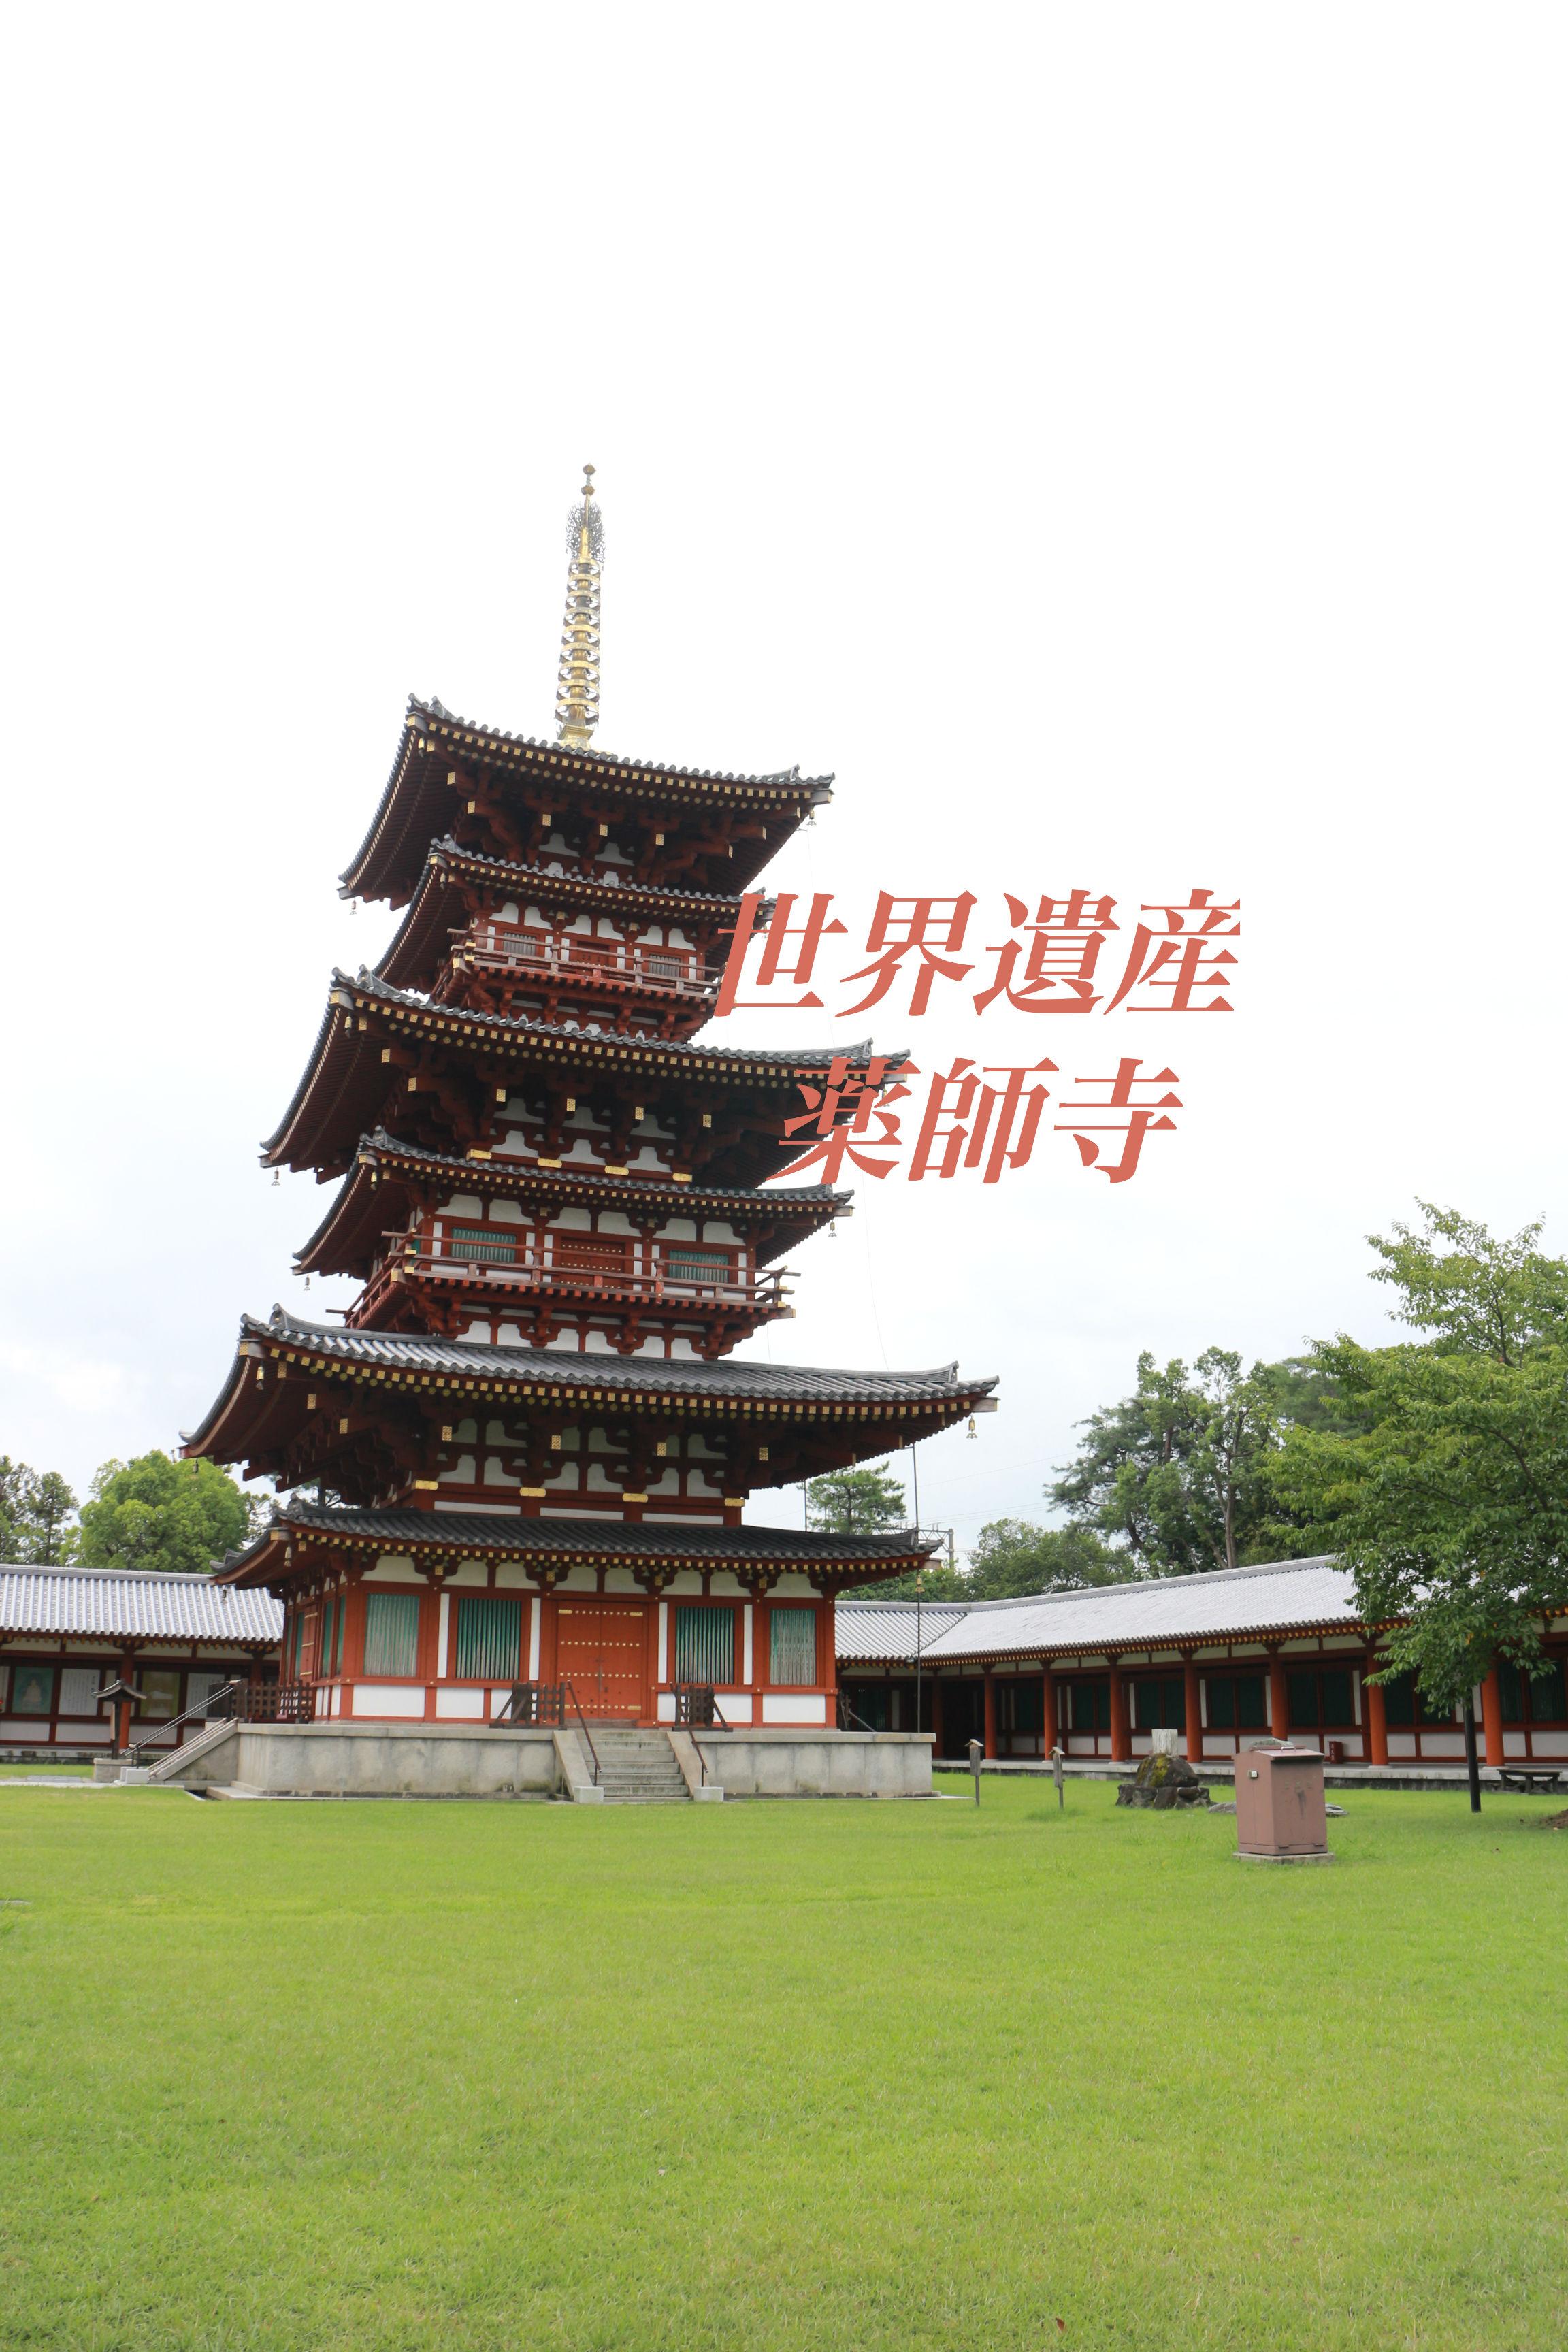 ご利益は【健康長寿】奈良の世界遺産、薬師寺の御朱印でご利益を頂く方法